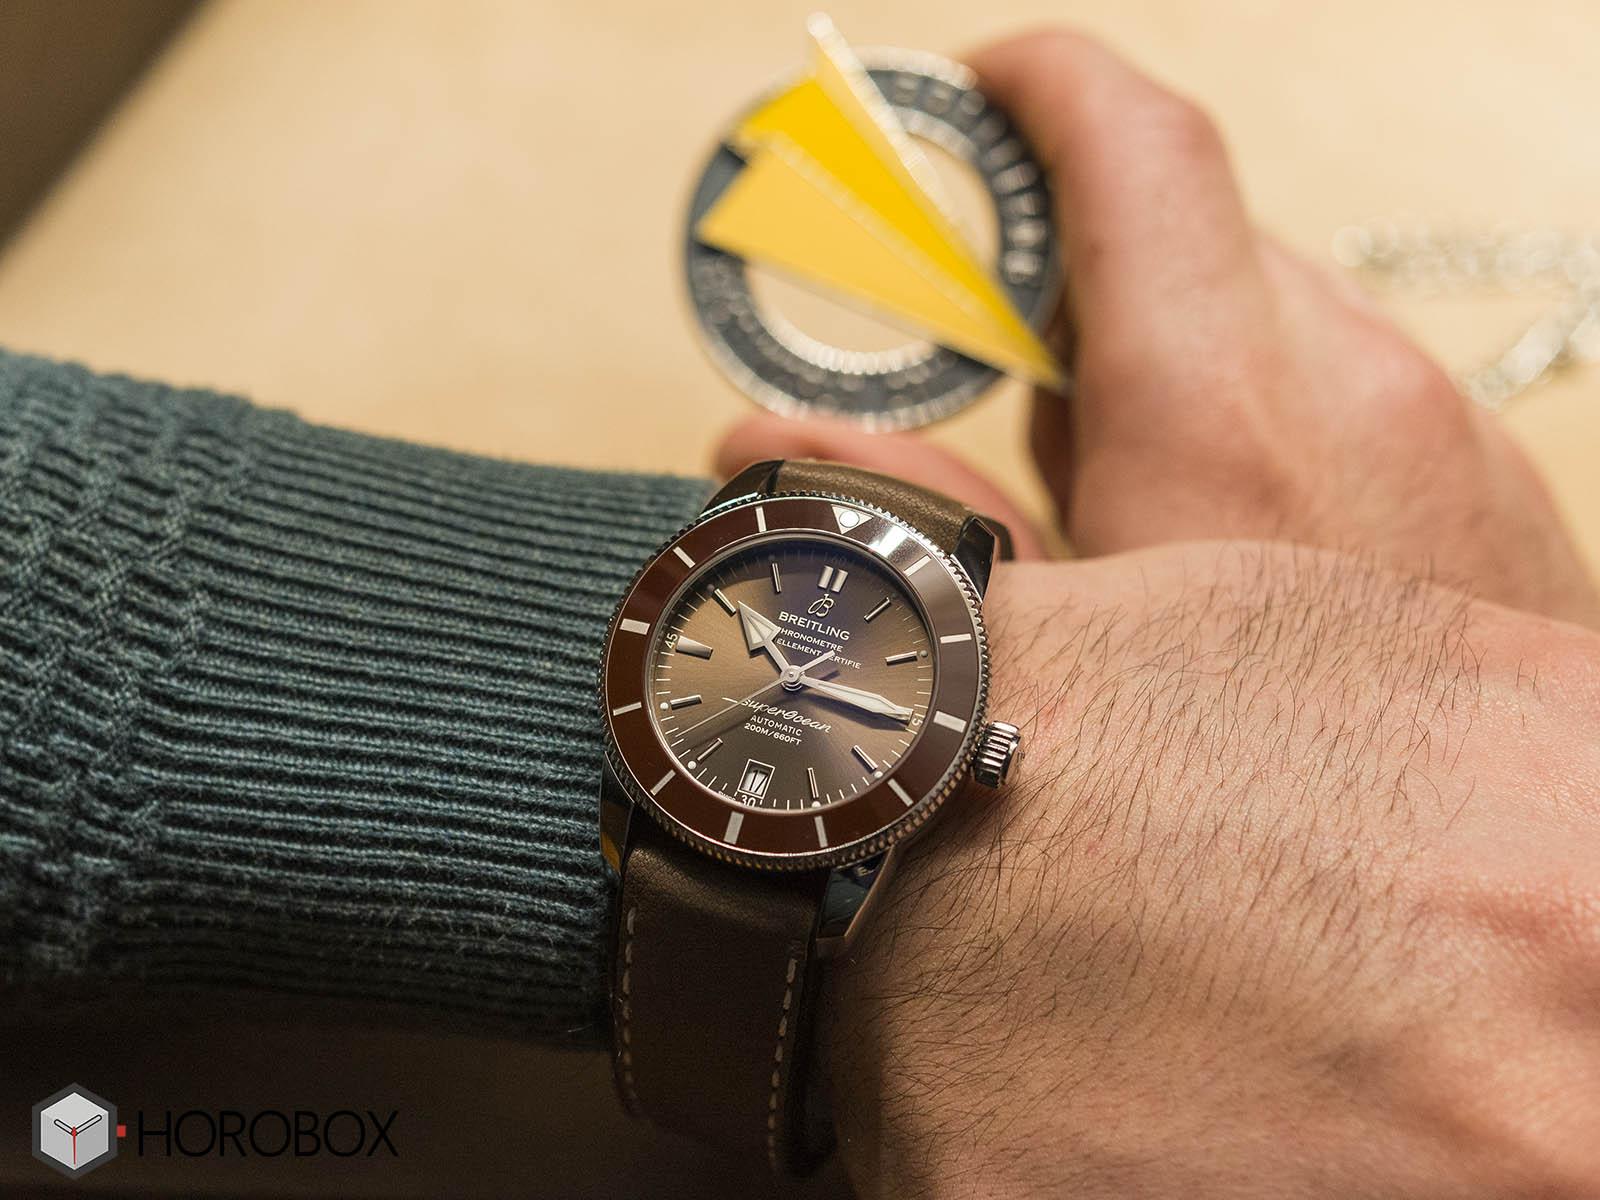 Breitling-Superocean-Heritage-42mm-8.jpg